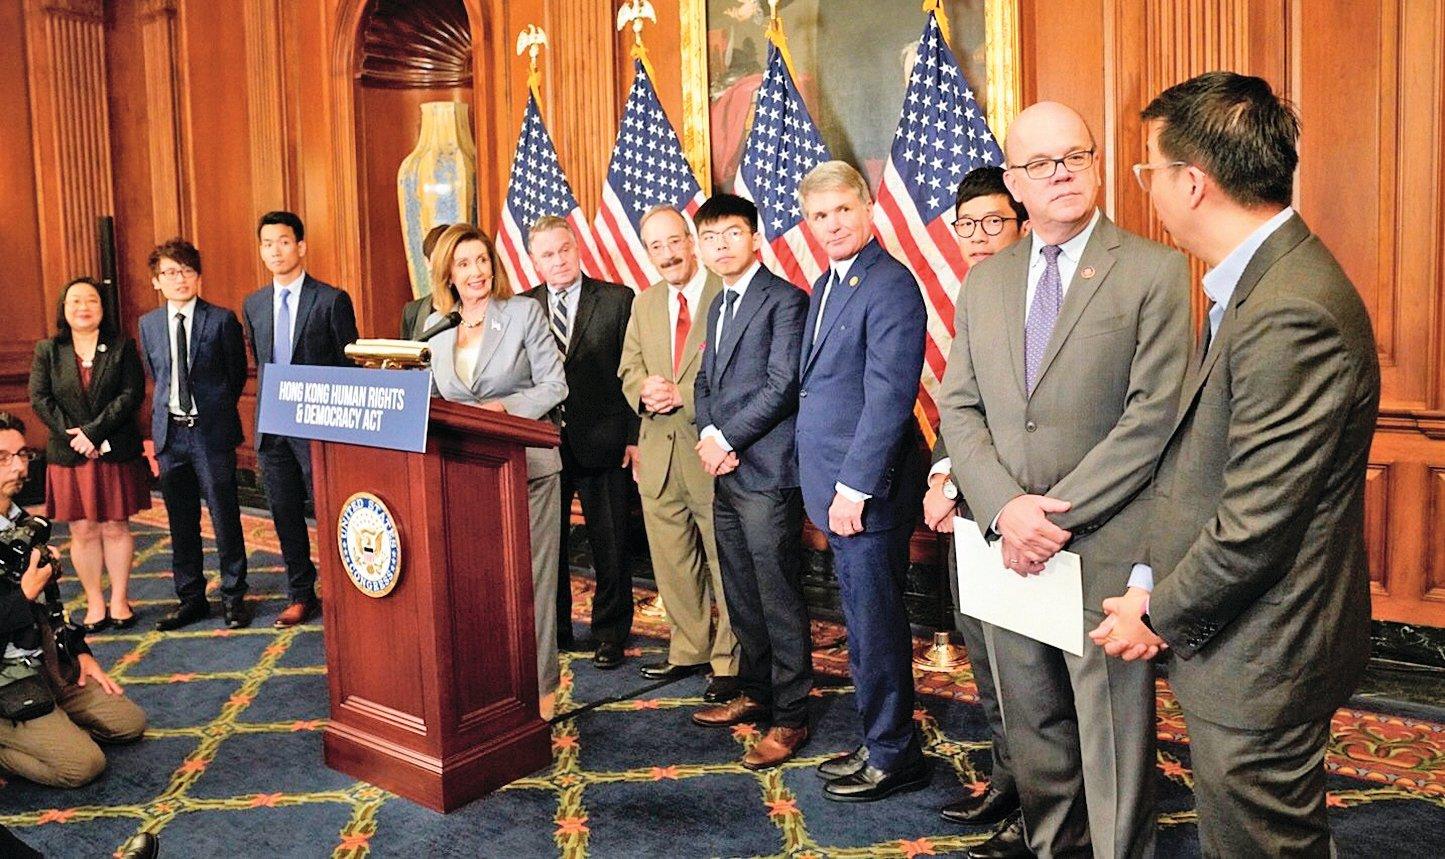 美國眾議院議長佩洛西(講台後)協同跨黨派眾議員及香港代表團在國會召開記者會,聲援《香港人權和民主法案》。(Pelosi Twitter)